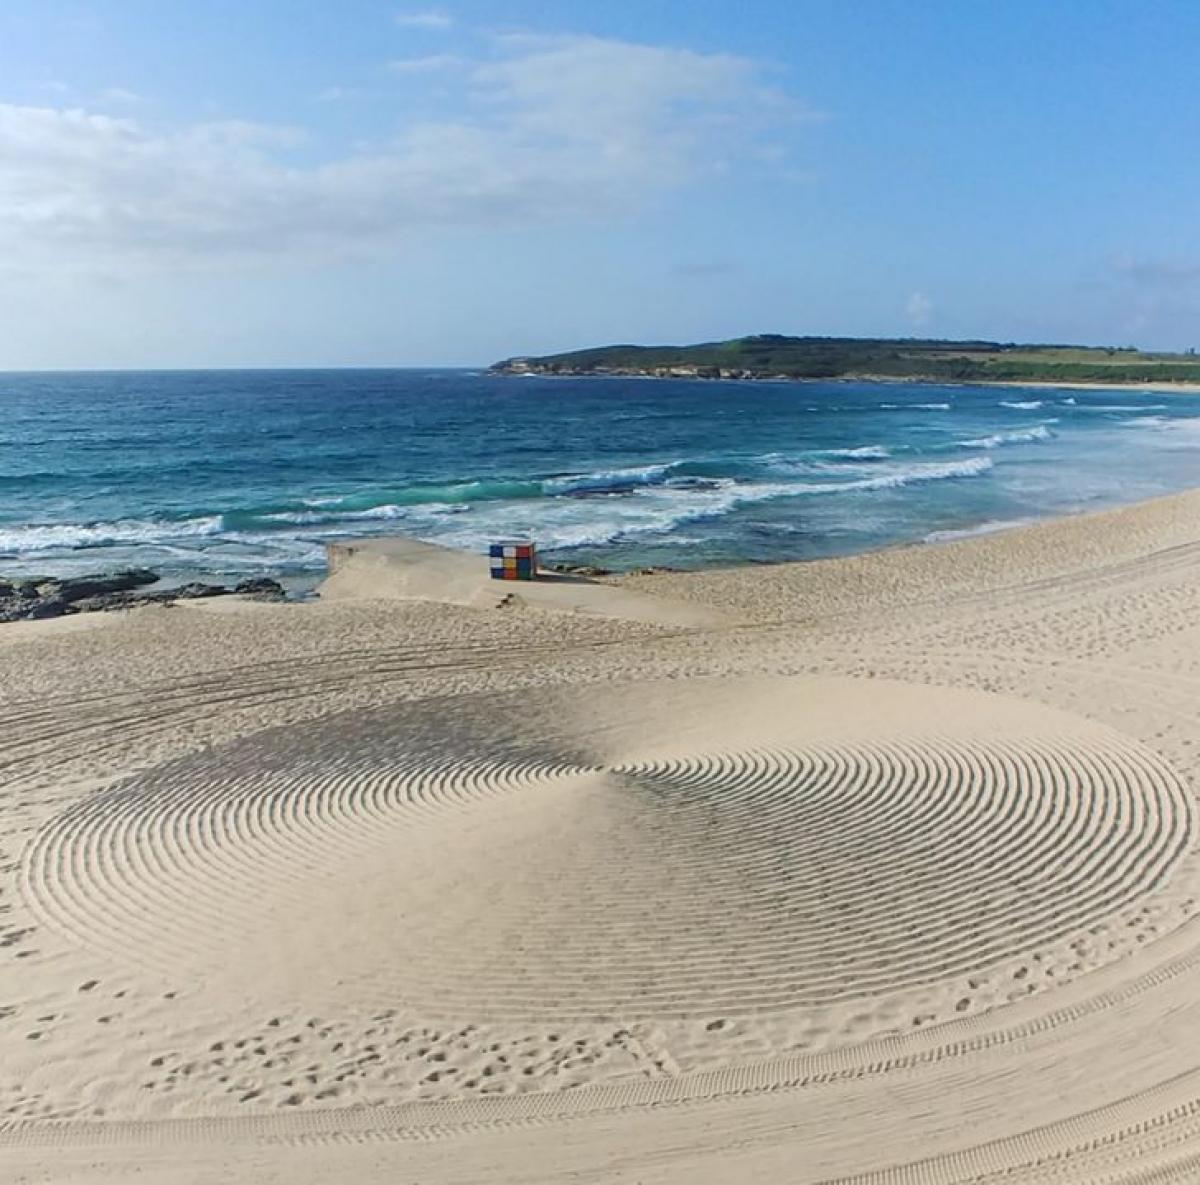 Sự ngẫu nhiên của thiên nhiên khiến cho bãi cát này như có đĩa bay của người ngoài hành tinh vừa đáp xuống.